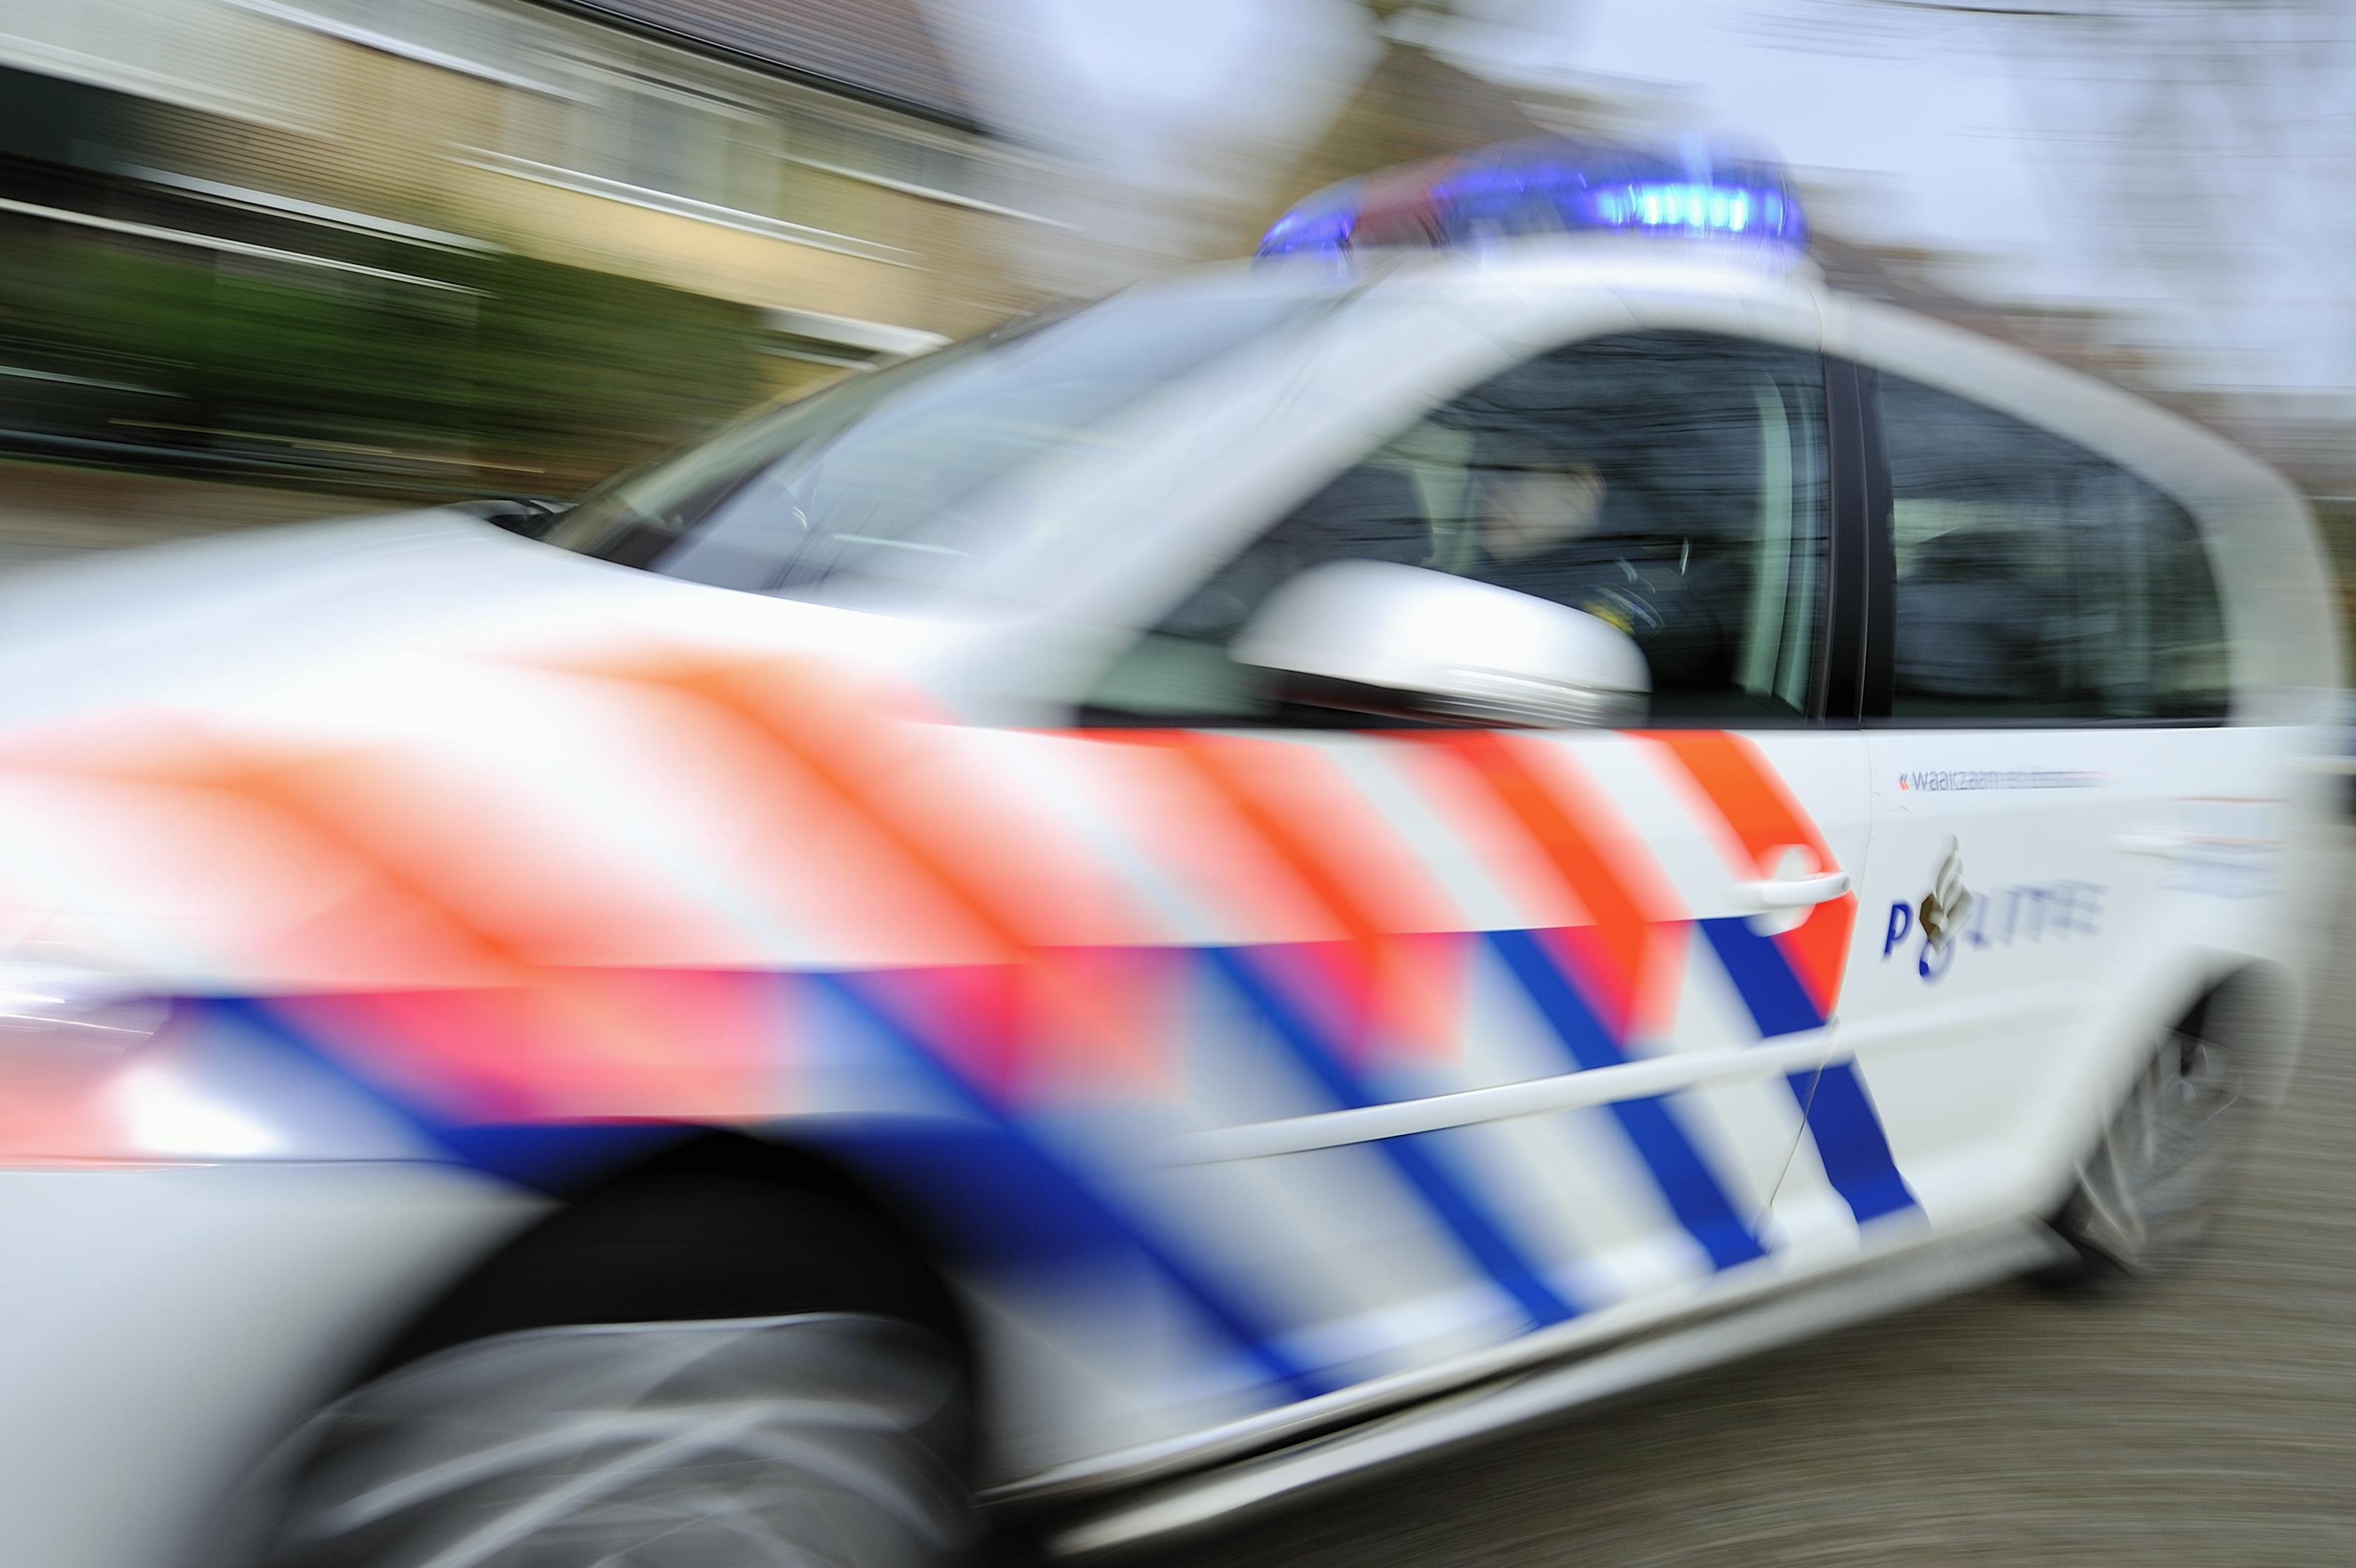 Tweetal opgepakt na poging tot inbraak bij bedrijf in Badhoevedorp